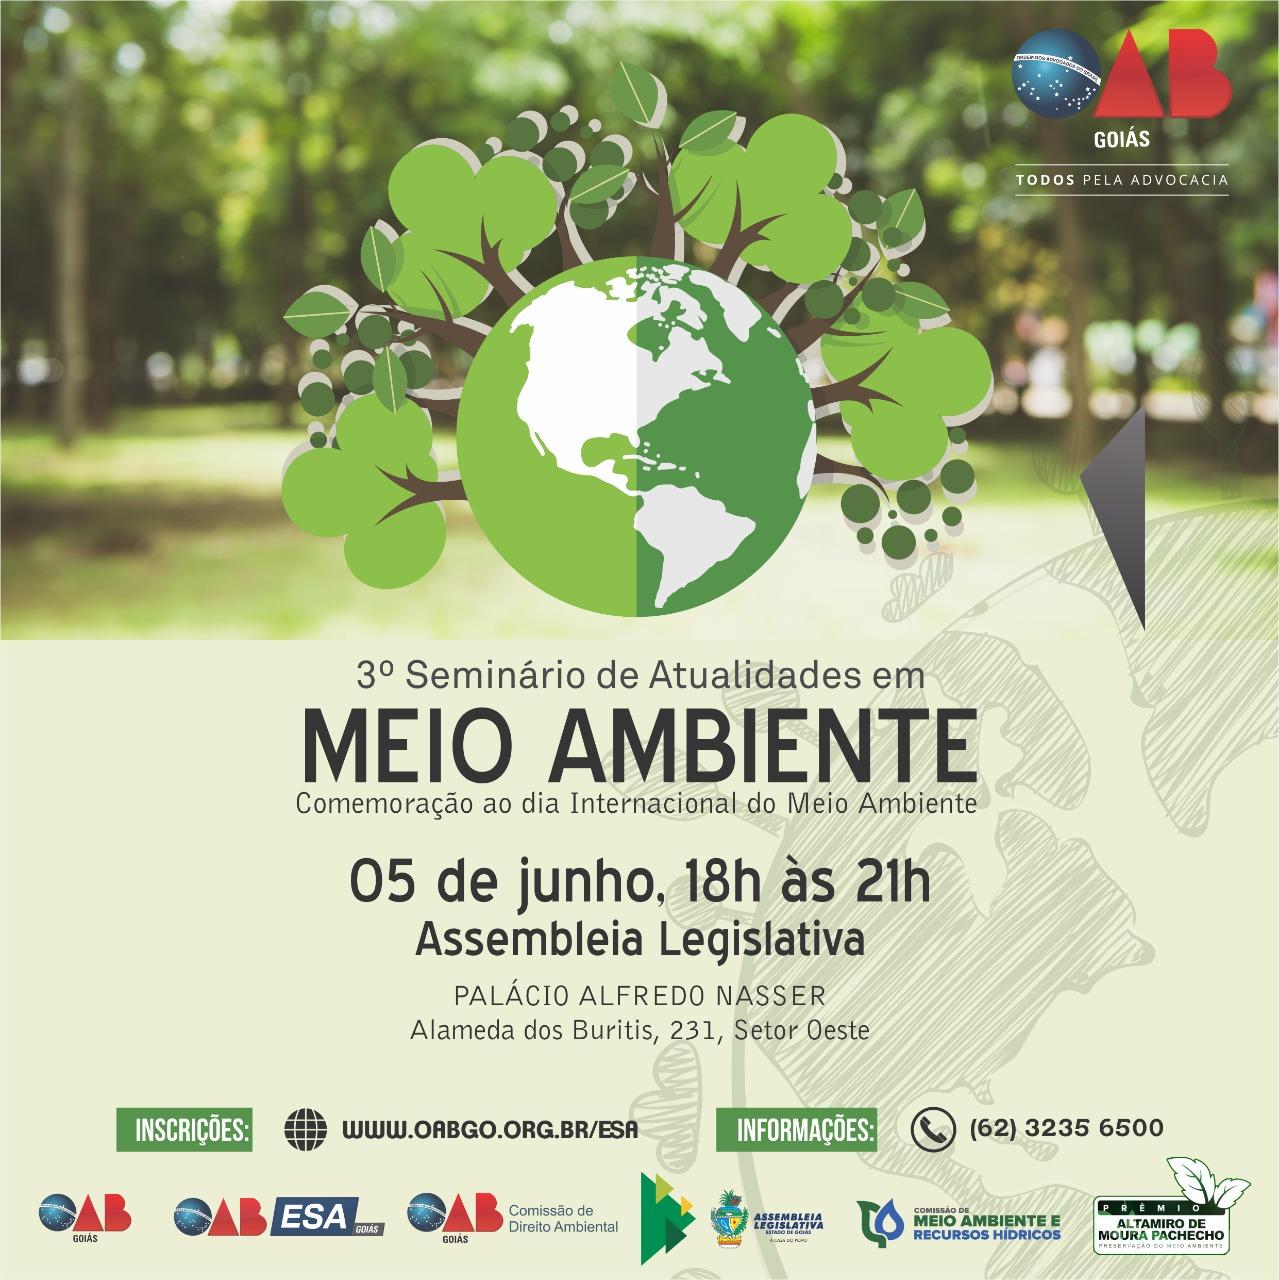 05.06 - 3º Seminário de Atualidades em Meio Ambiente